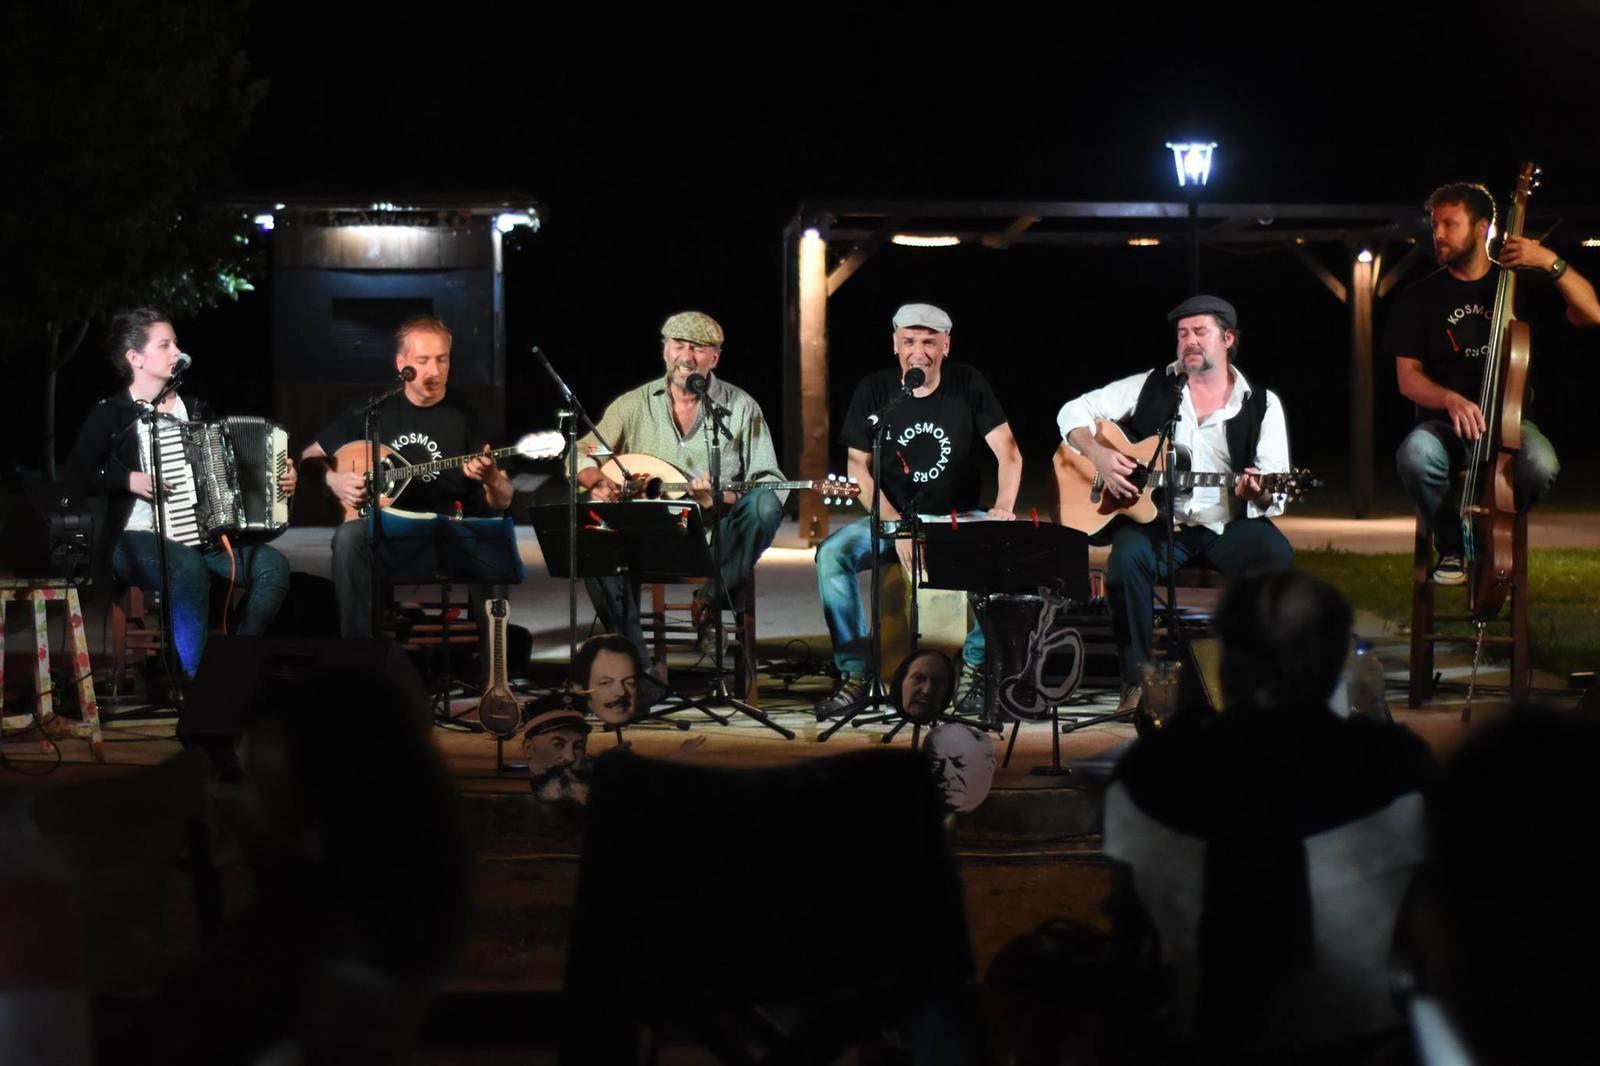 musique grecque, traditionnelle, folk, concert, clos des fées, paluel, seine-maritime, normandie, soirée, kosmokrators, rebetiko